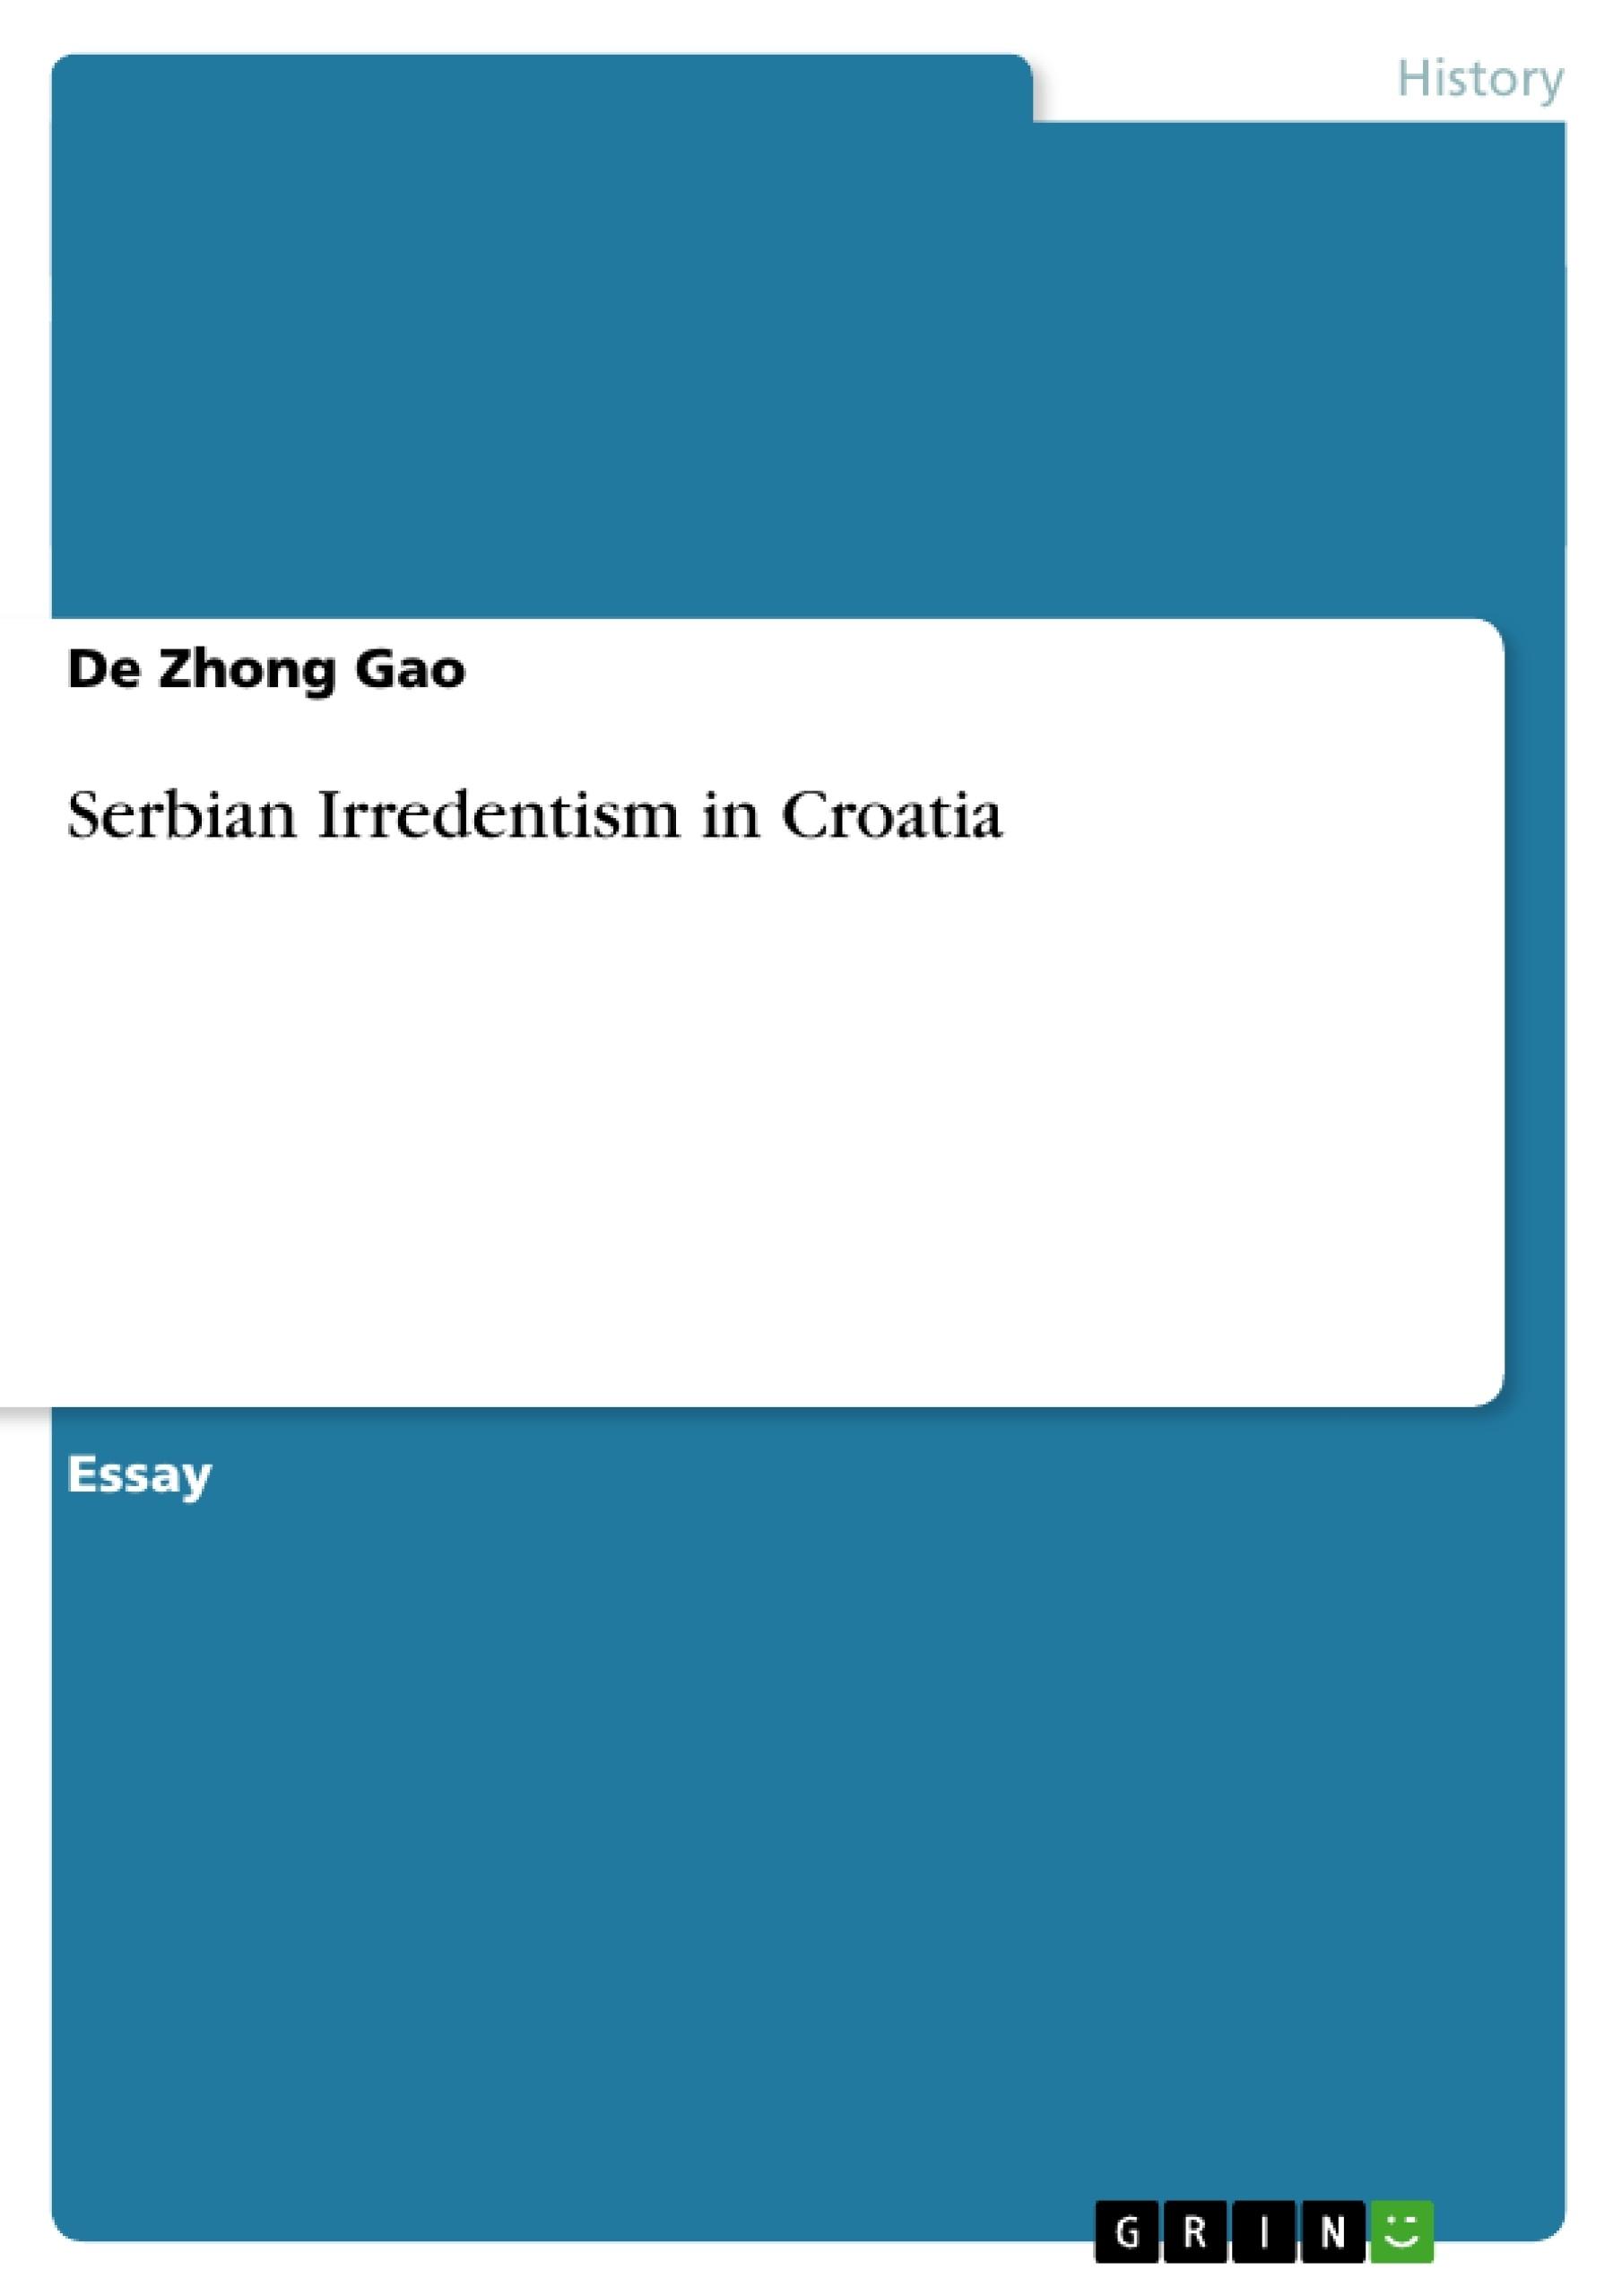 Title: Serbian Irredentism in Croatia